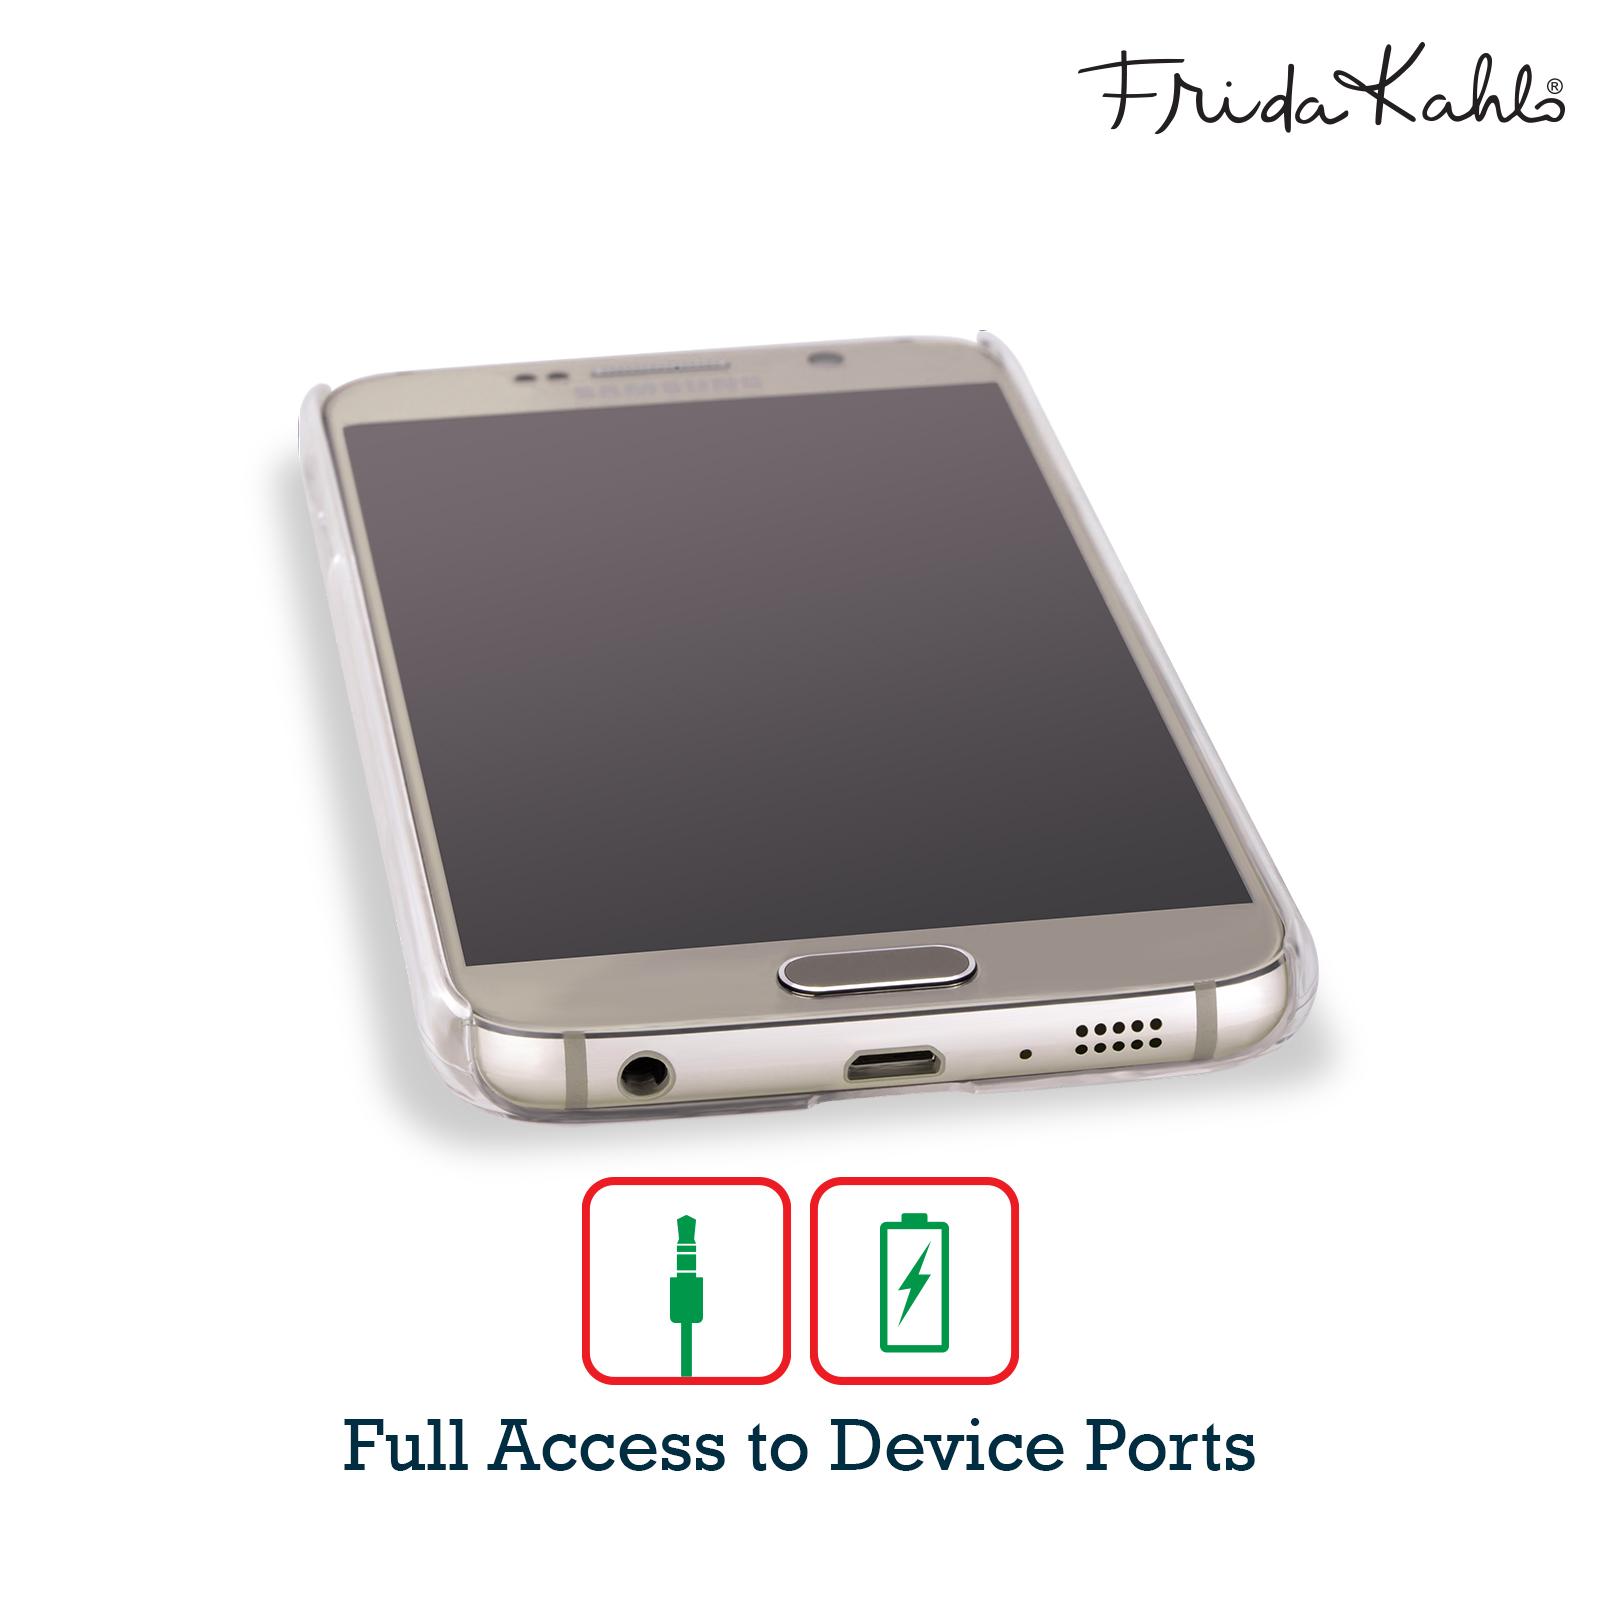 OFFICIAL-FRIDA-KAHLO-SELF-PORTRAITS-HARD-BACK-CASE-FOR-SAMSUNG-PHONES-4